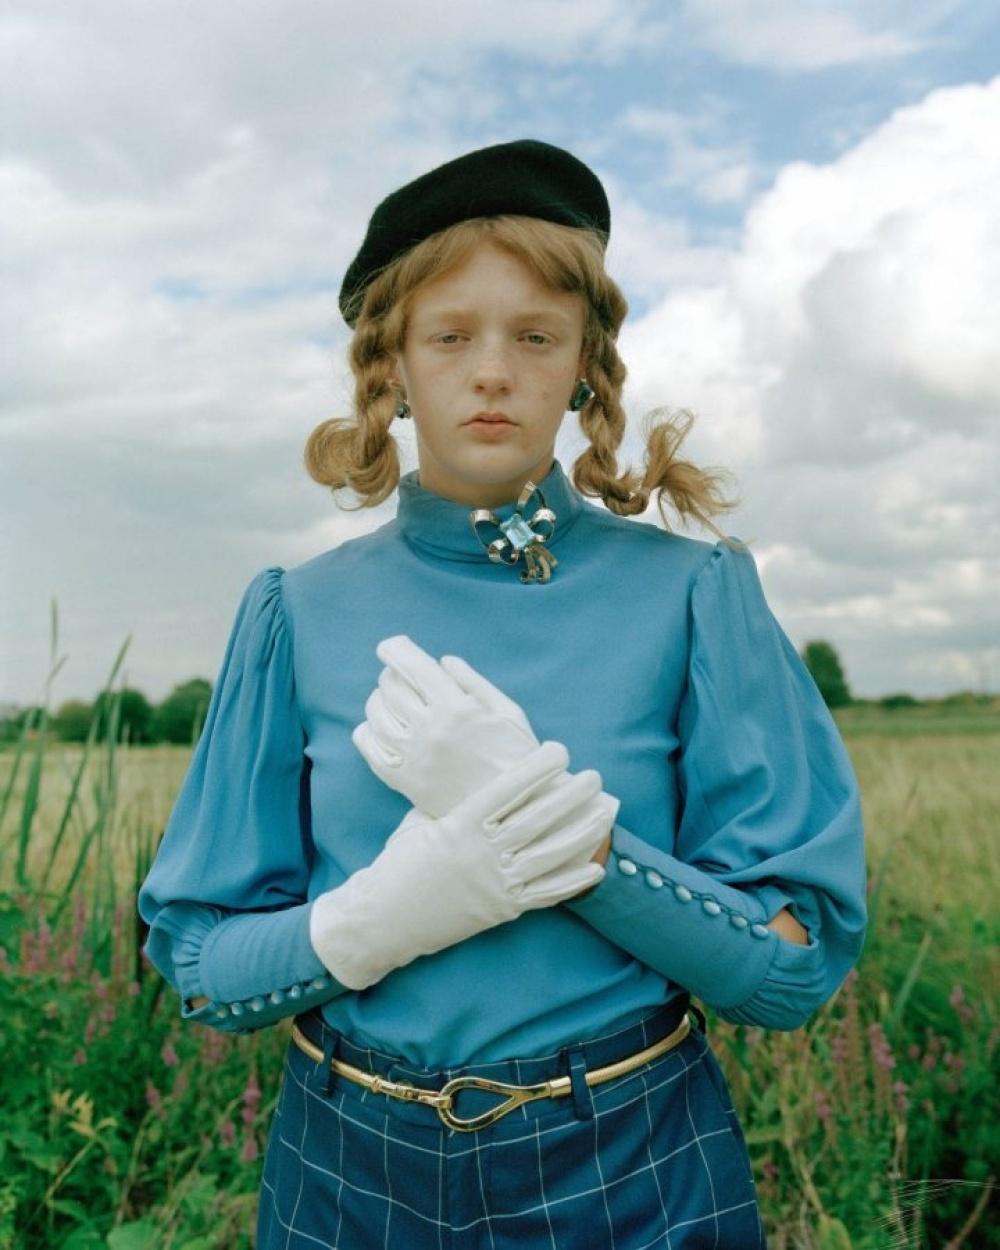 英国摄影师James Perolls 时尚摄影作品